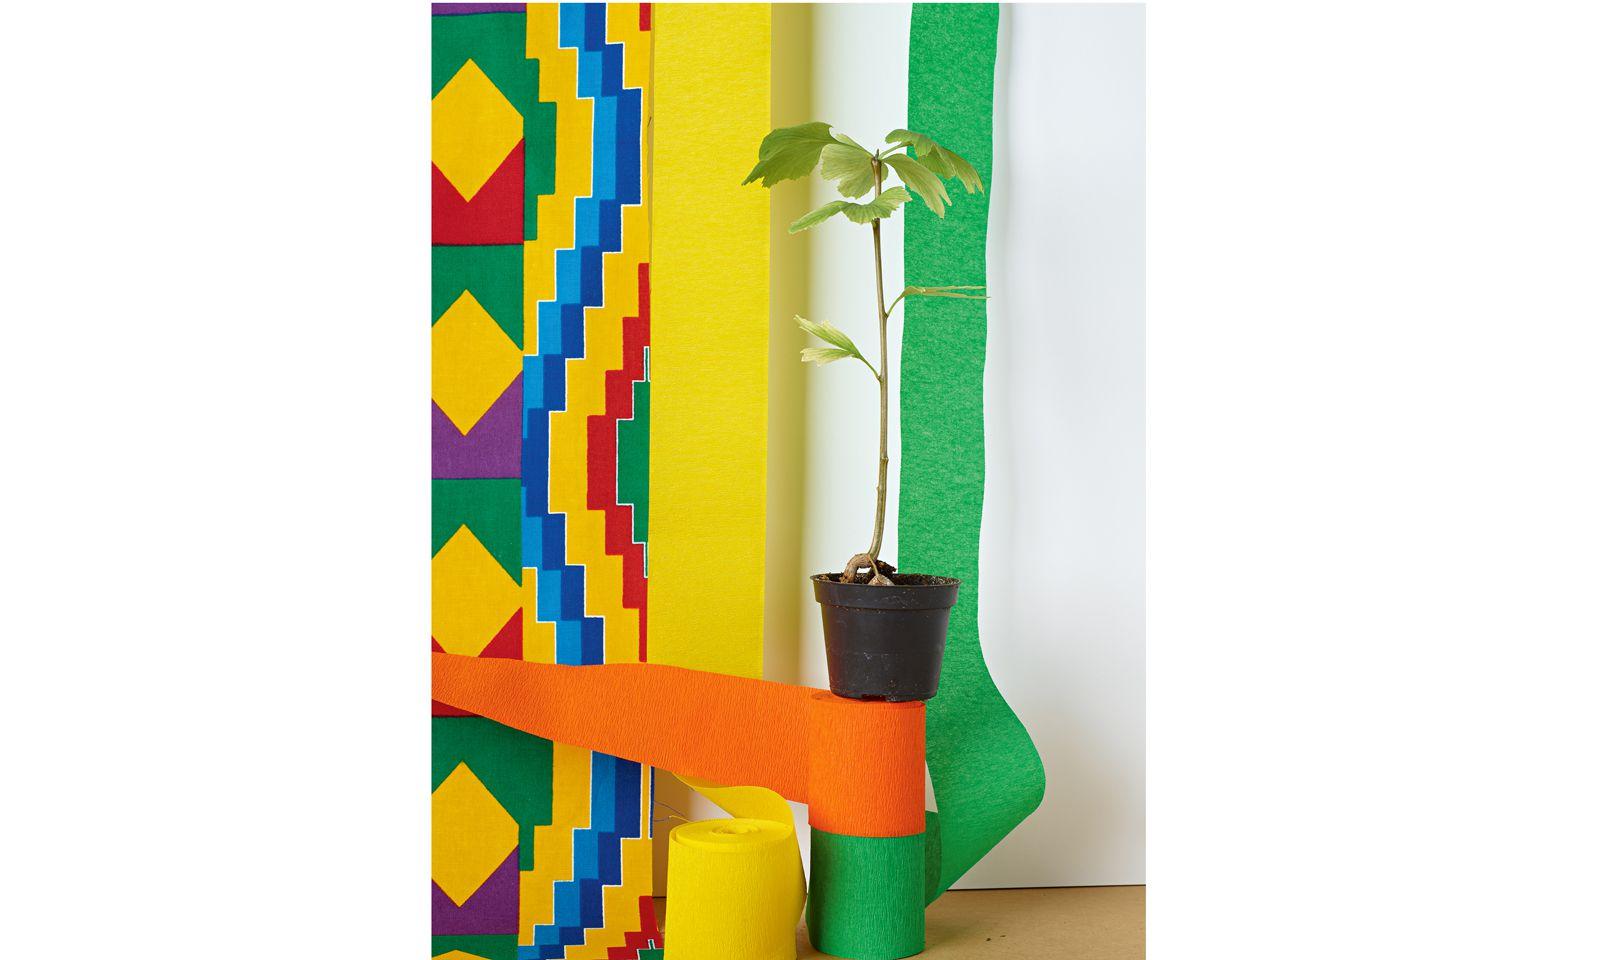 Maserung. Einen Ginkgo setzte Annette Kelm in ihre gleichnamige Arbeit, die 2019 entstand.